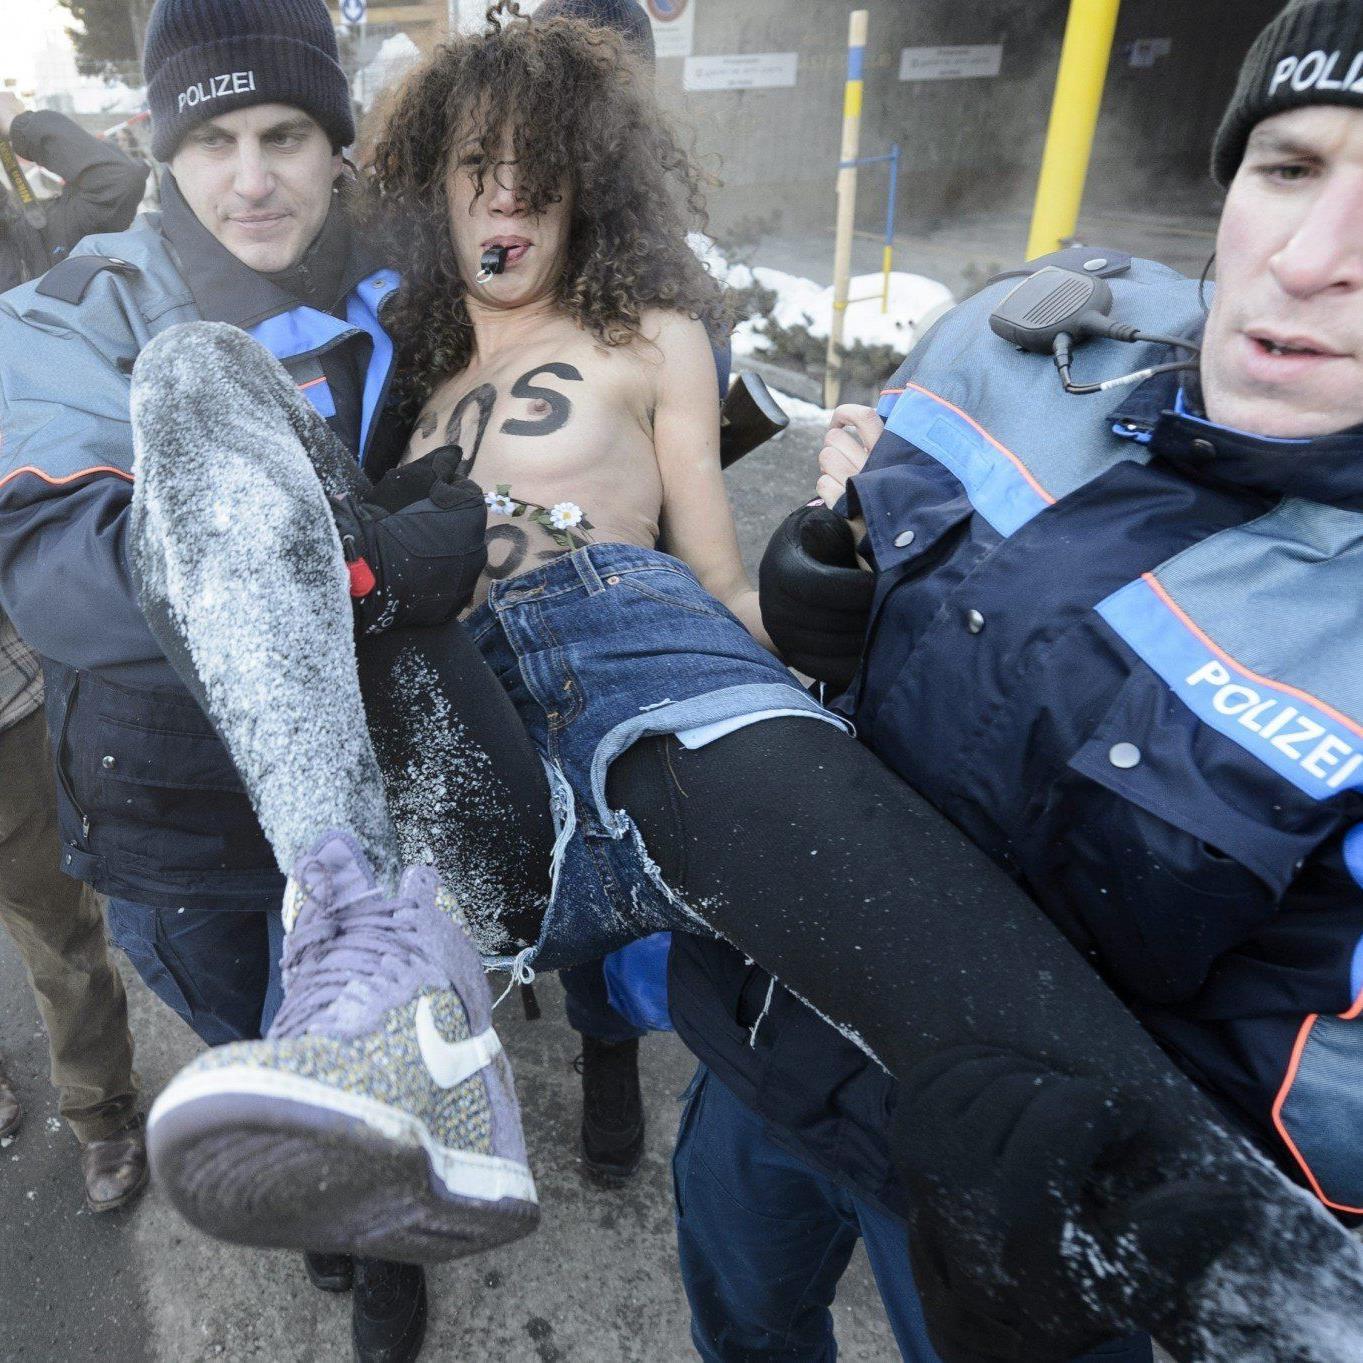 Aktivistinnen der ukrainischen Organisation Femen trotzten Minusgraden.